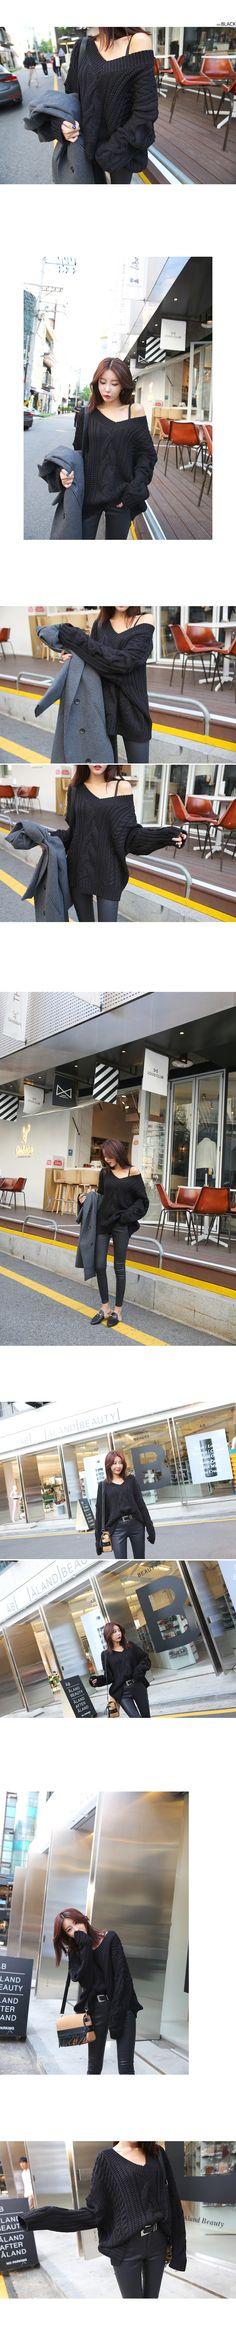 브이넥빅꽈배기니트_D3KN 브이넥 루즈핏 내추럴 와이드핏 니트 편안한 캐주얼 러블리 스쿨룩 일상 날씬한 사랑스러운 여리여리핏 스타일리쉬 스타일 데일리 데일리룩 심플 베이직 여성스러운 블랙 올리브 베이지 핑크 블루 | DABAGIRL, Your Style Maker | Korean clothes, bags&shoes, accessories, cosmetics